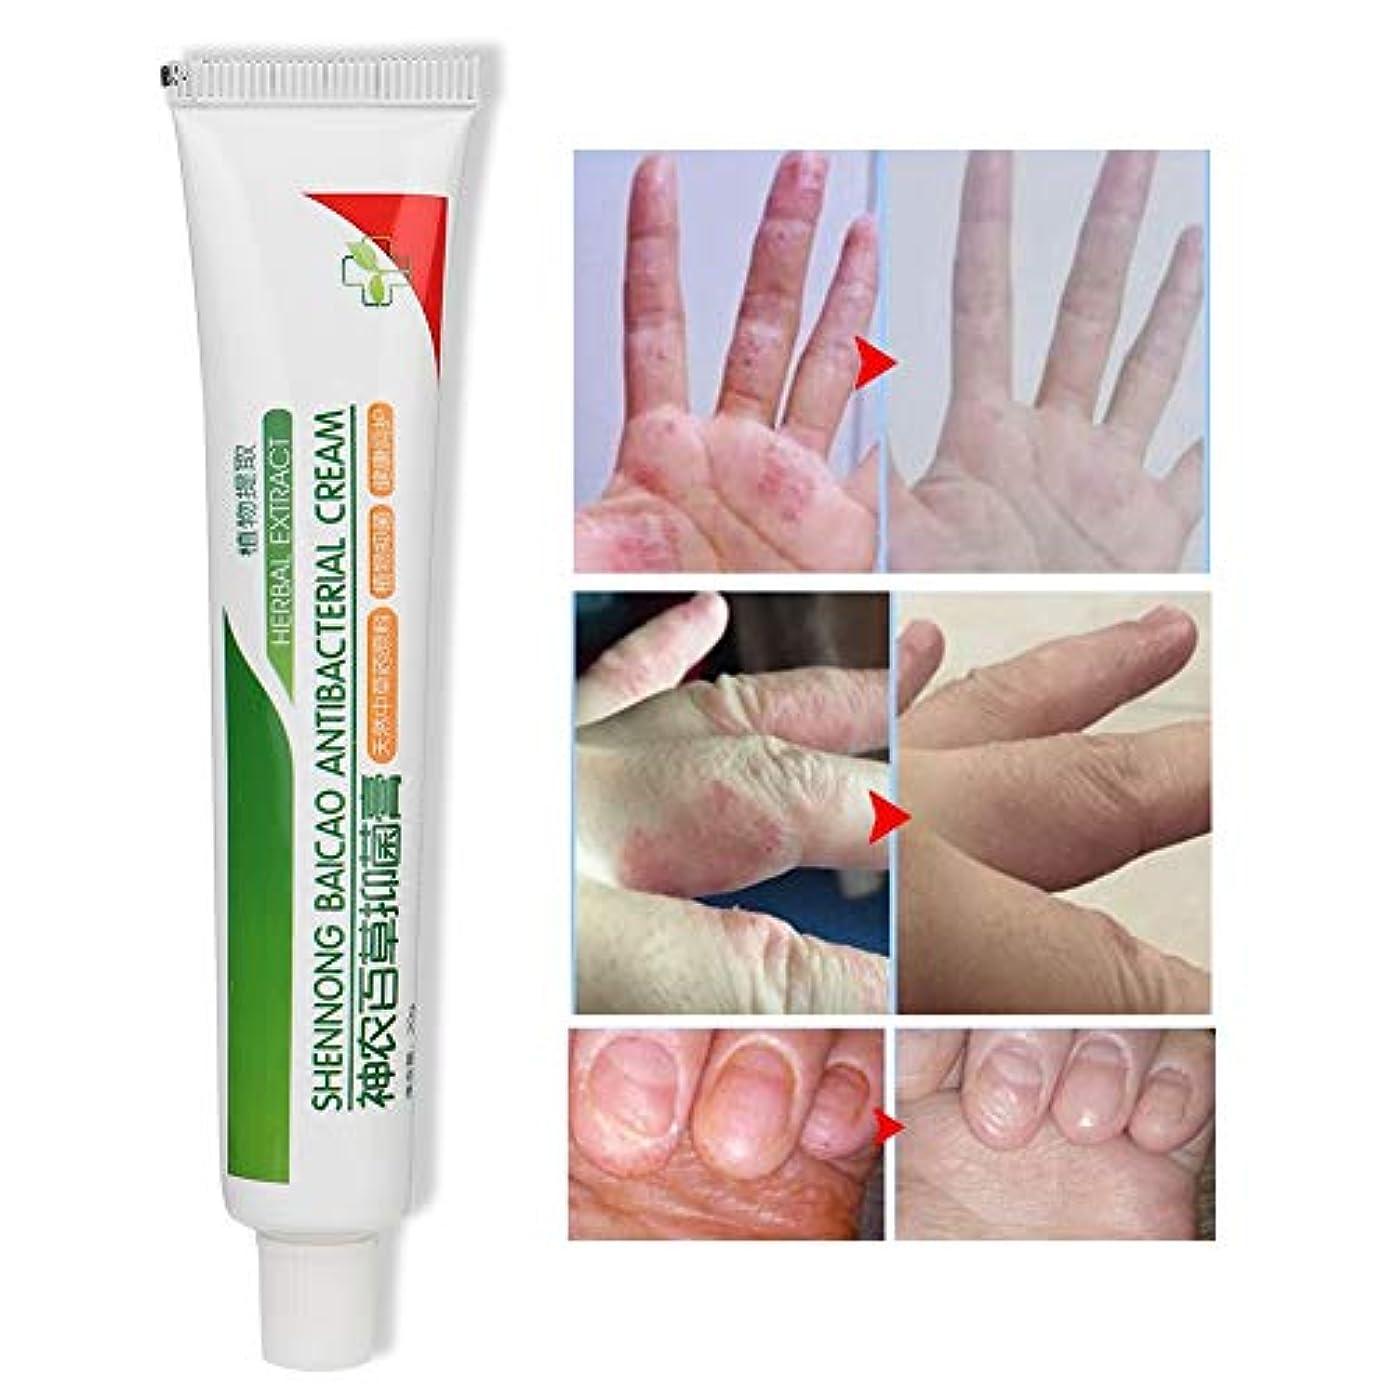 問い合わせるパプアニューギニア怖がらせる皮膚軟膏のリペアクリームリリーフ掻uri症皮膚アレルギー蚊かみ傷乾燥ひび割れ皮植物クリーム20g